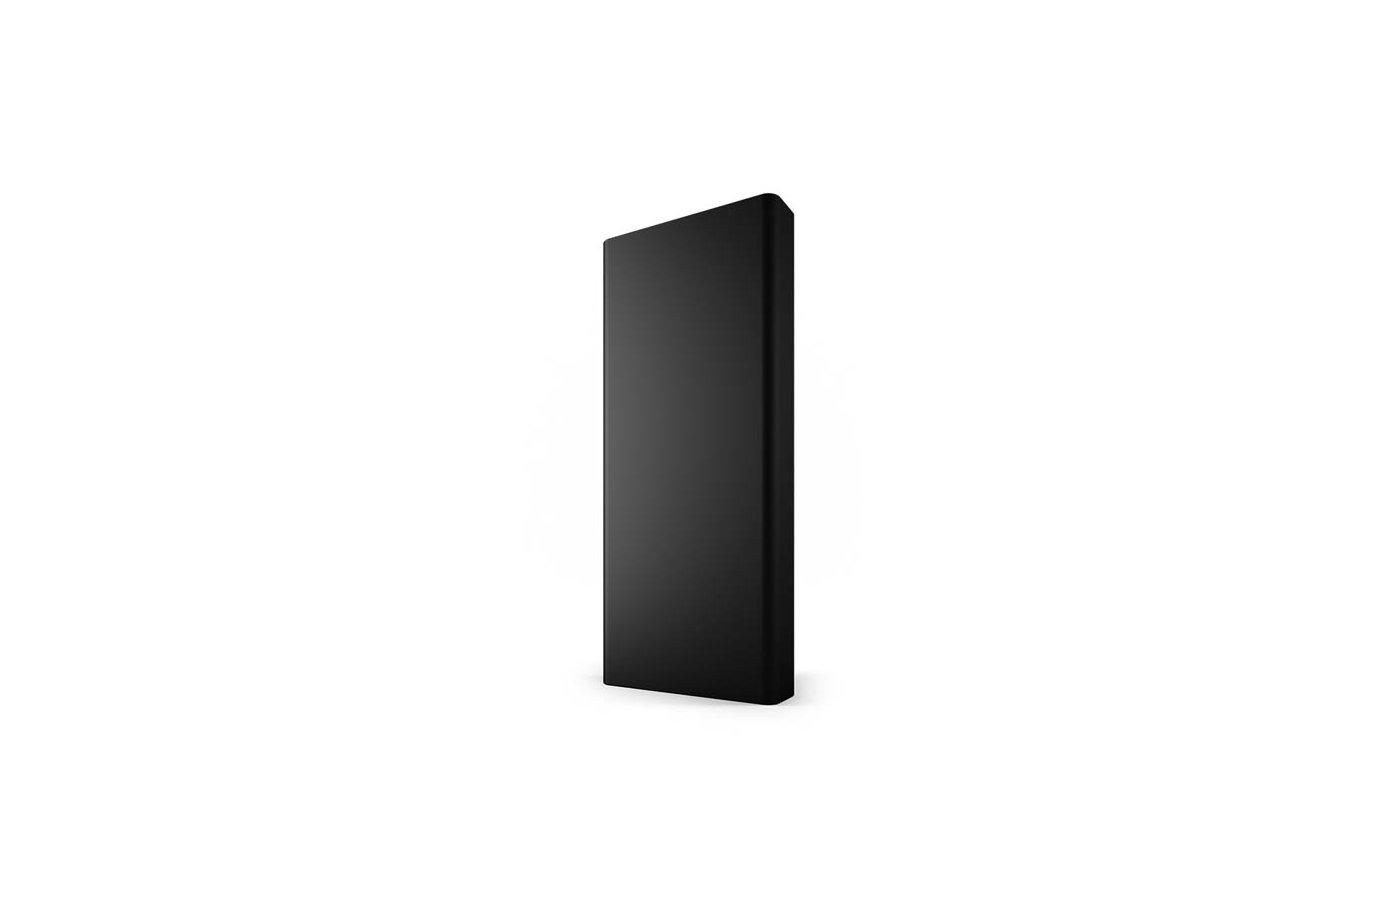 Портативный аккумулятор Rombica NEO MB208 20800мАч, 2xUSB (1A+2.1A) черный